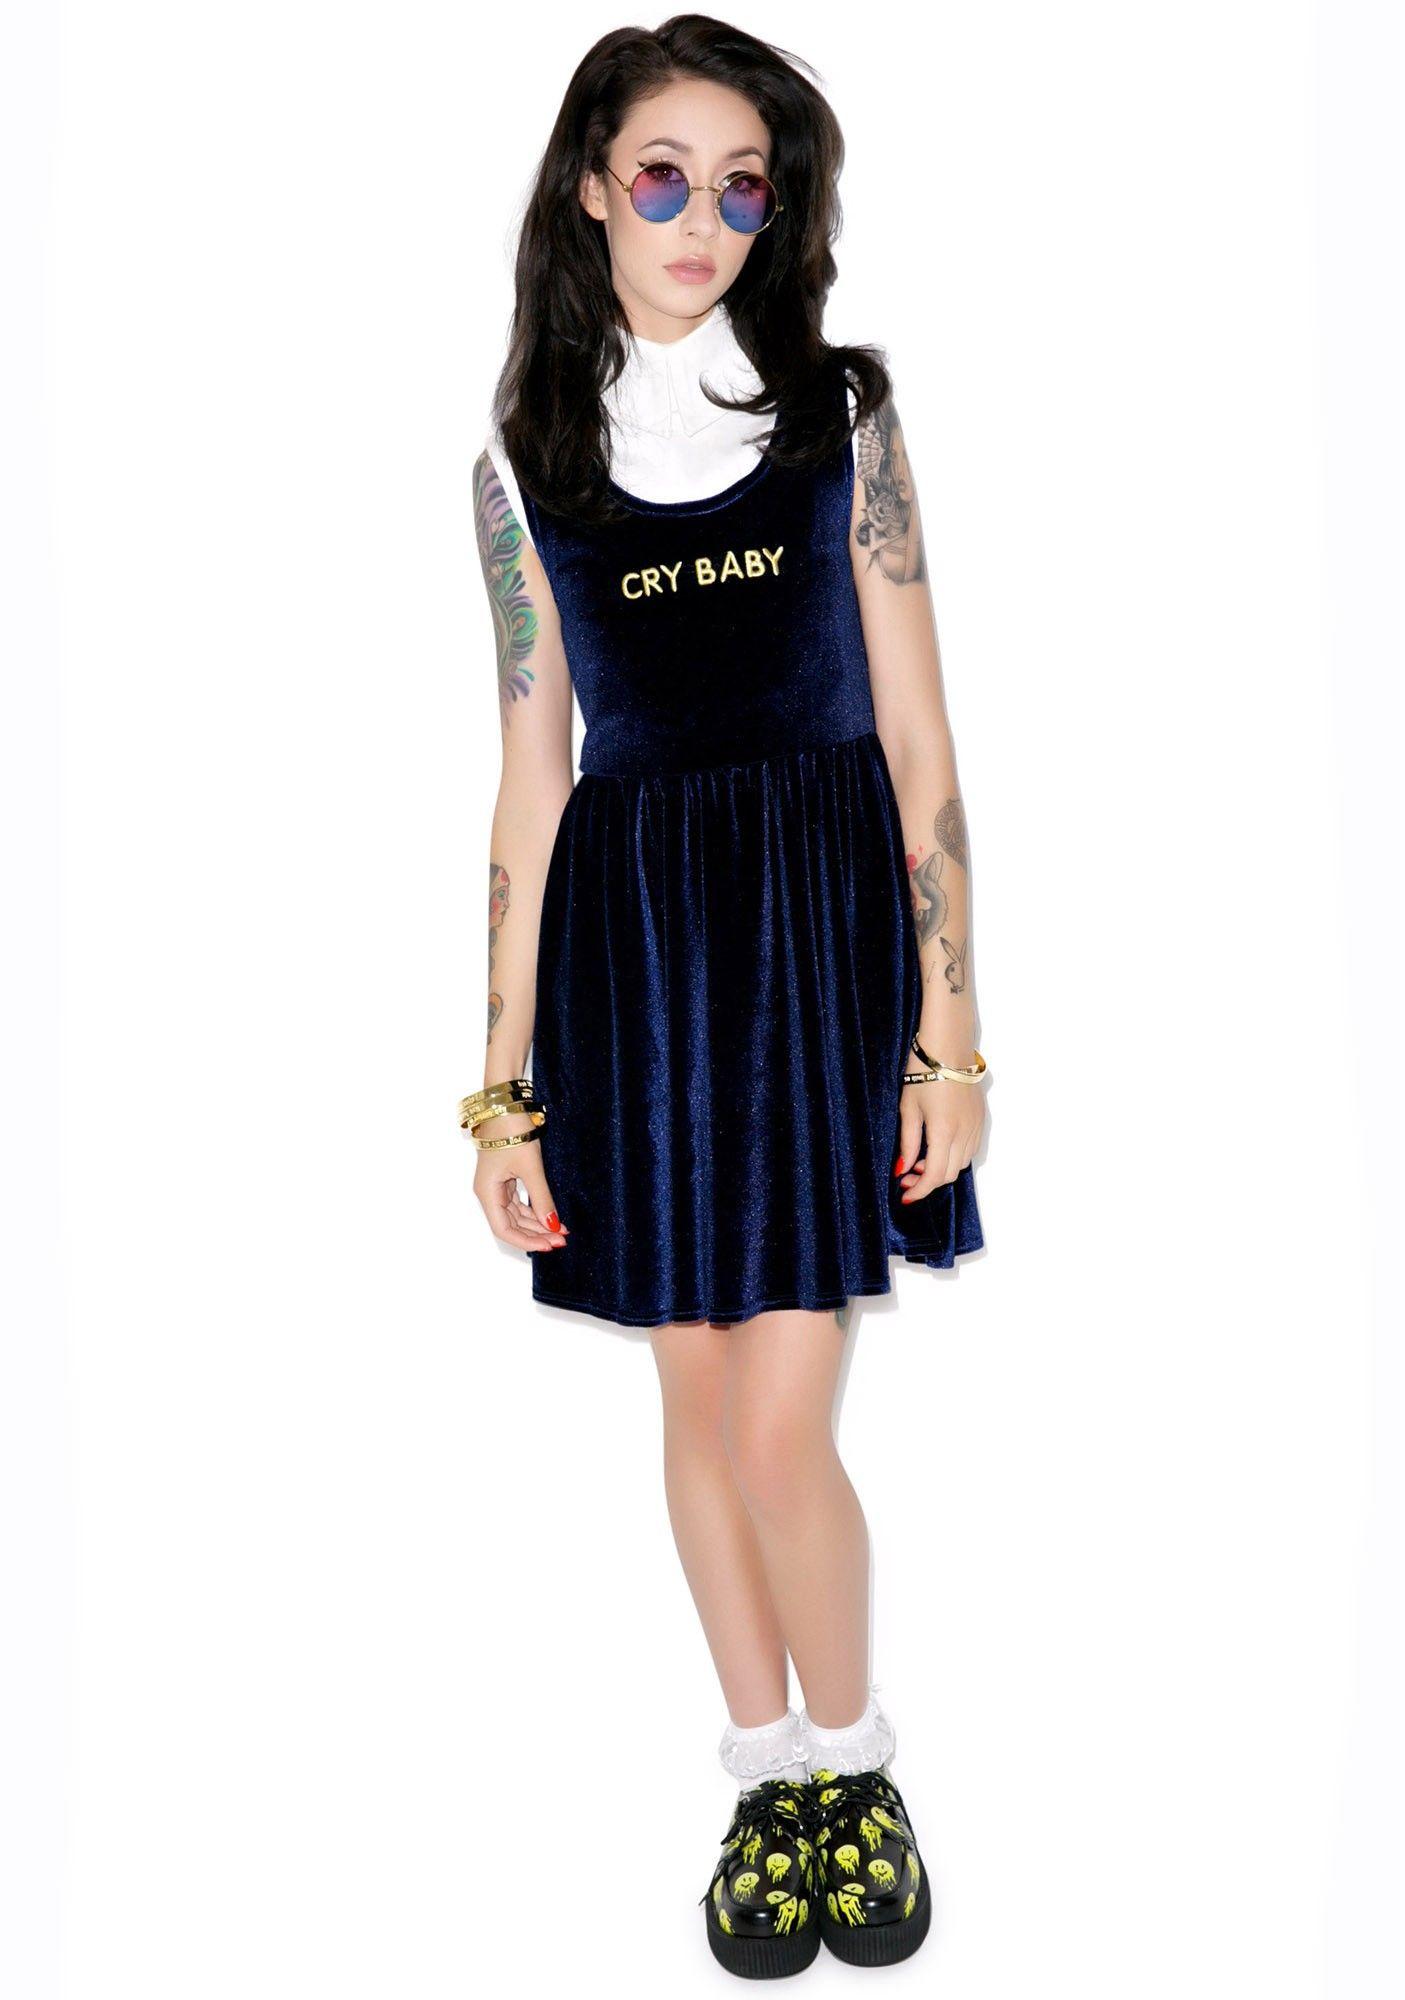 Cry Baby Velvet Dress